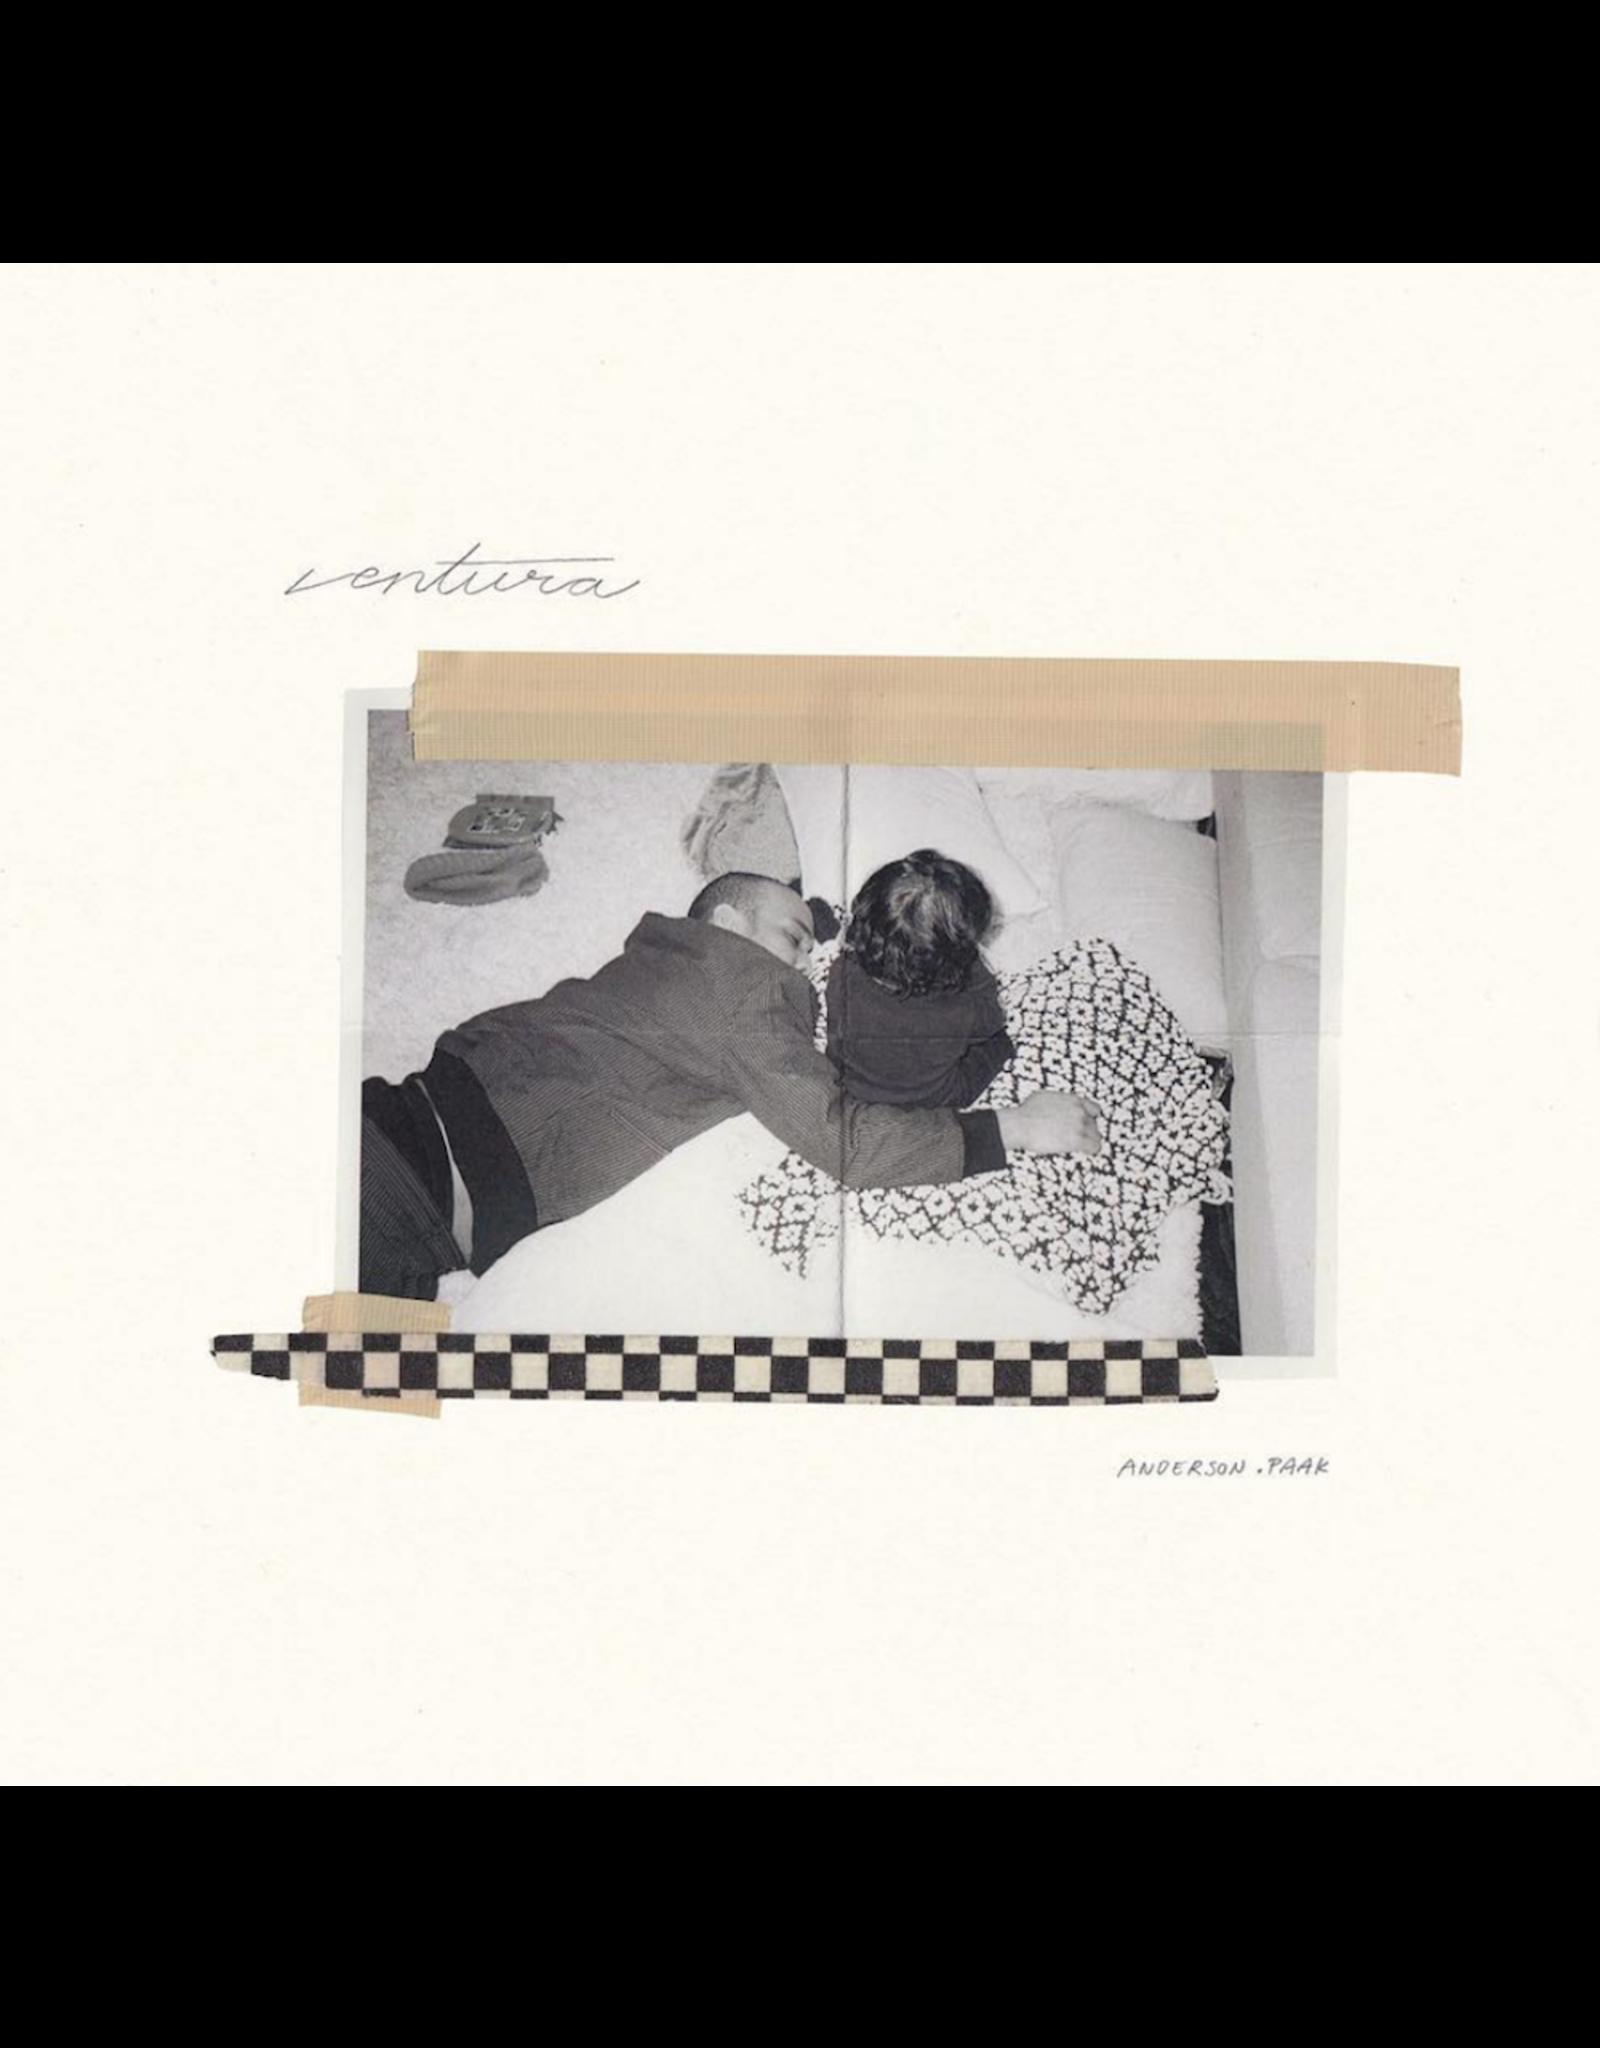 Anderson .Paak - Ventura LP